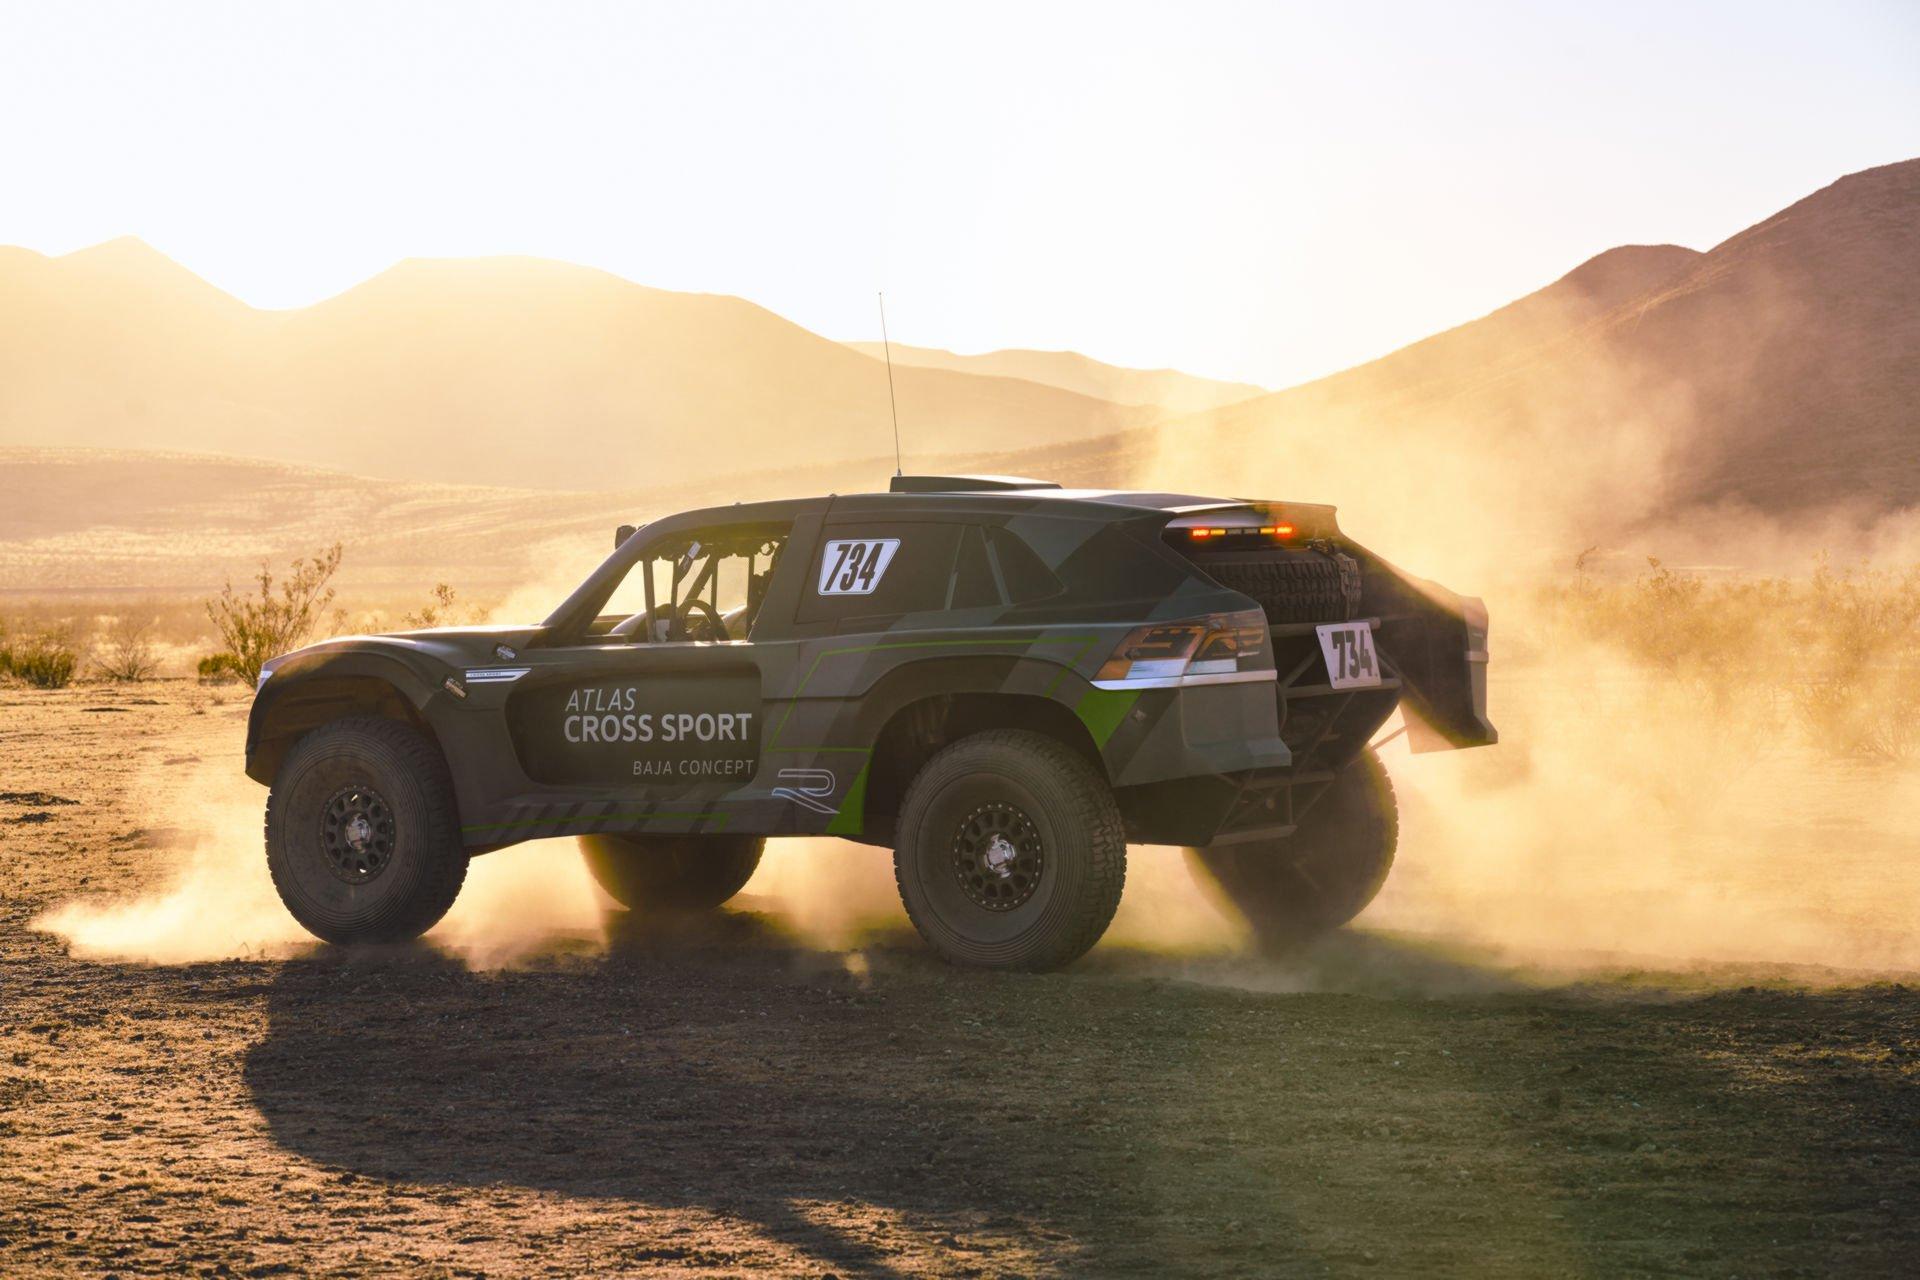 Volkswagen-Atlas-Cross-Sport-Baja-Concept-3